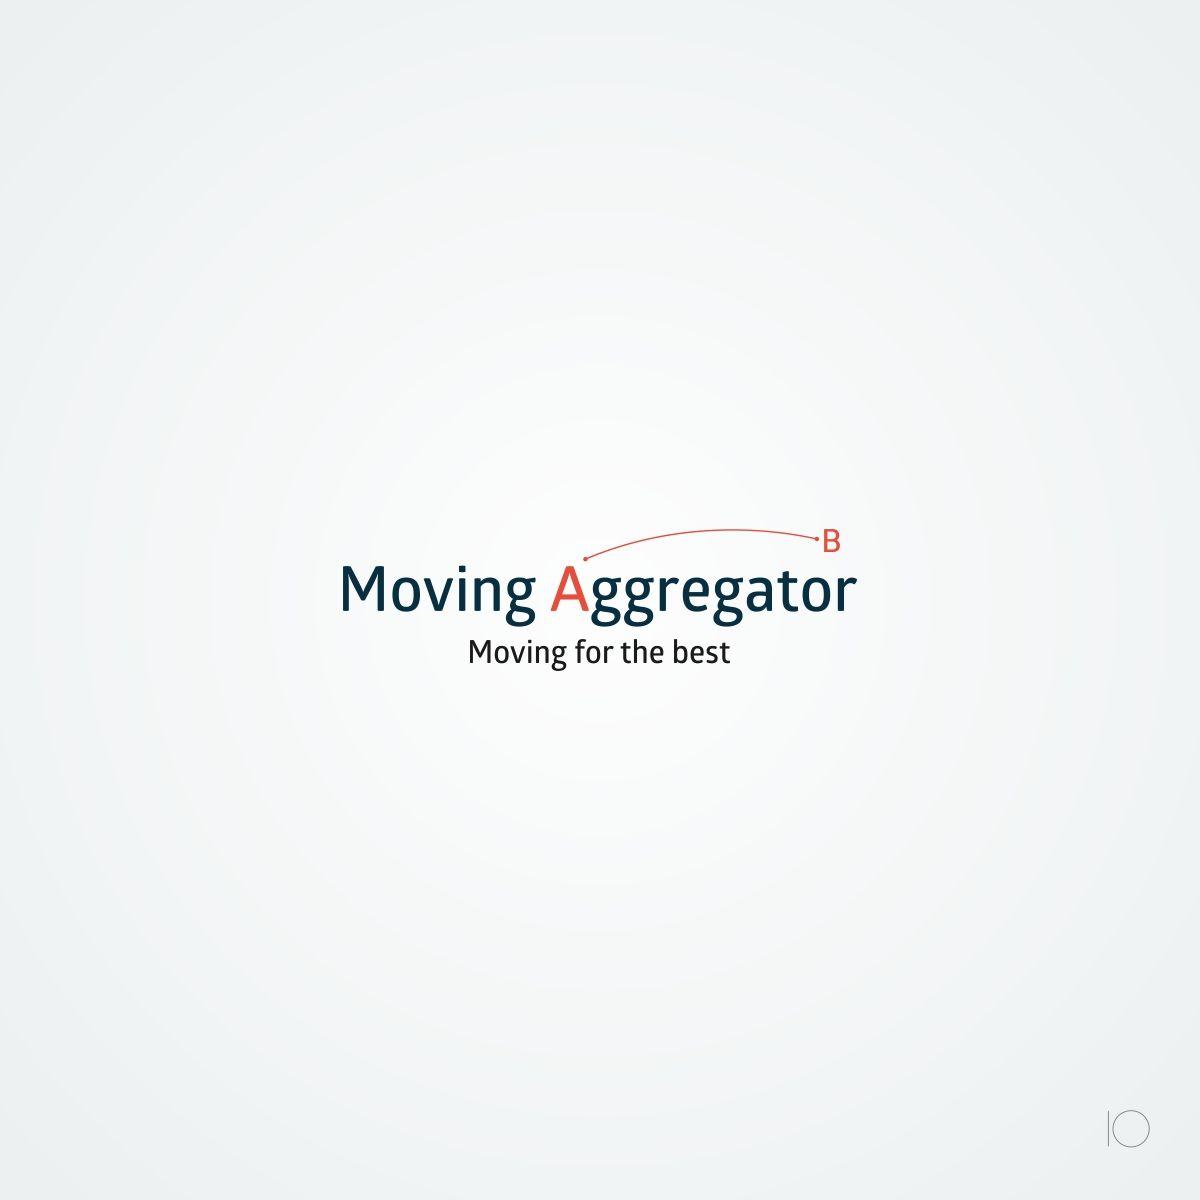 Логотип для компании Агрегатор переездов - дизайнер TVdesign